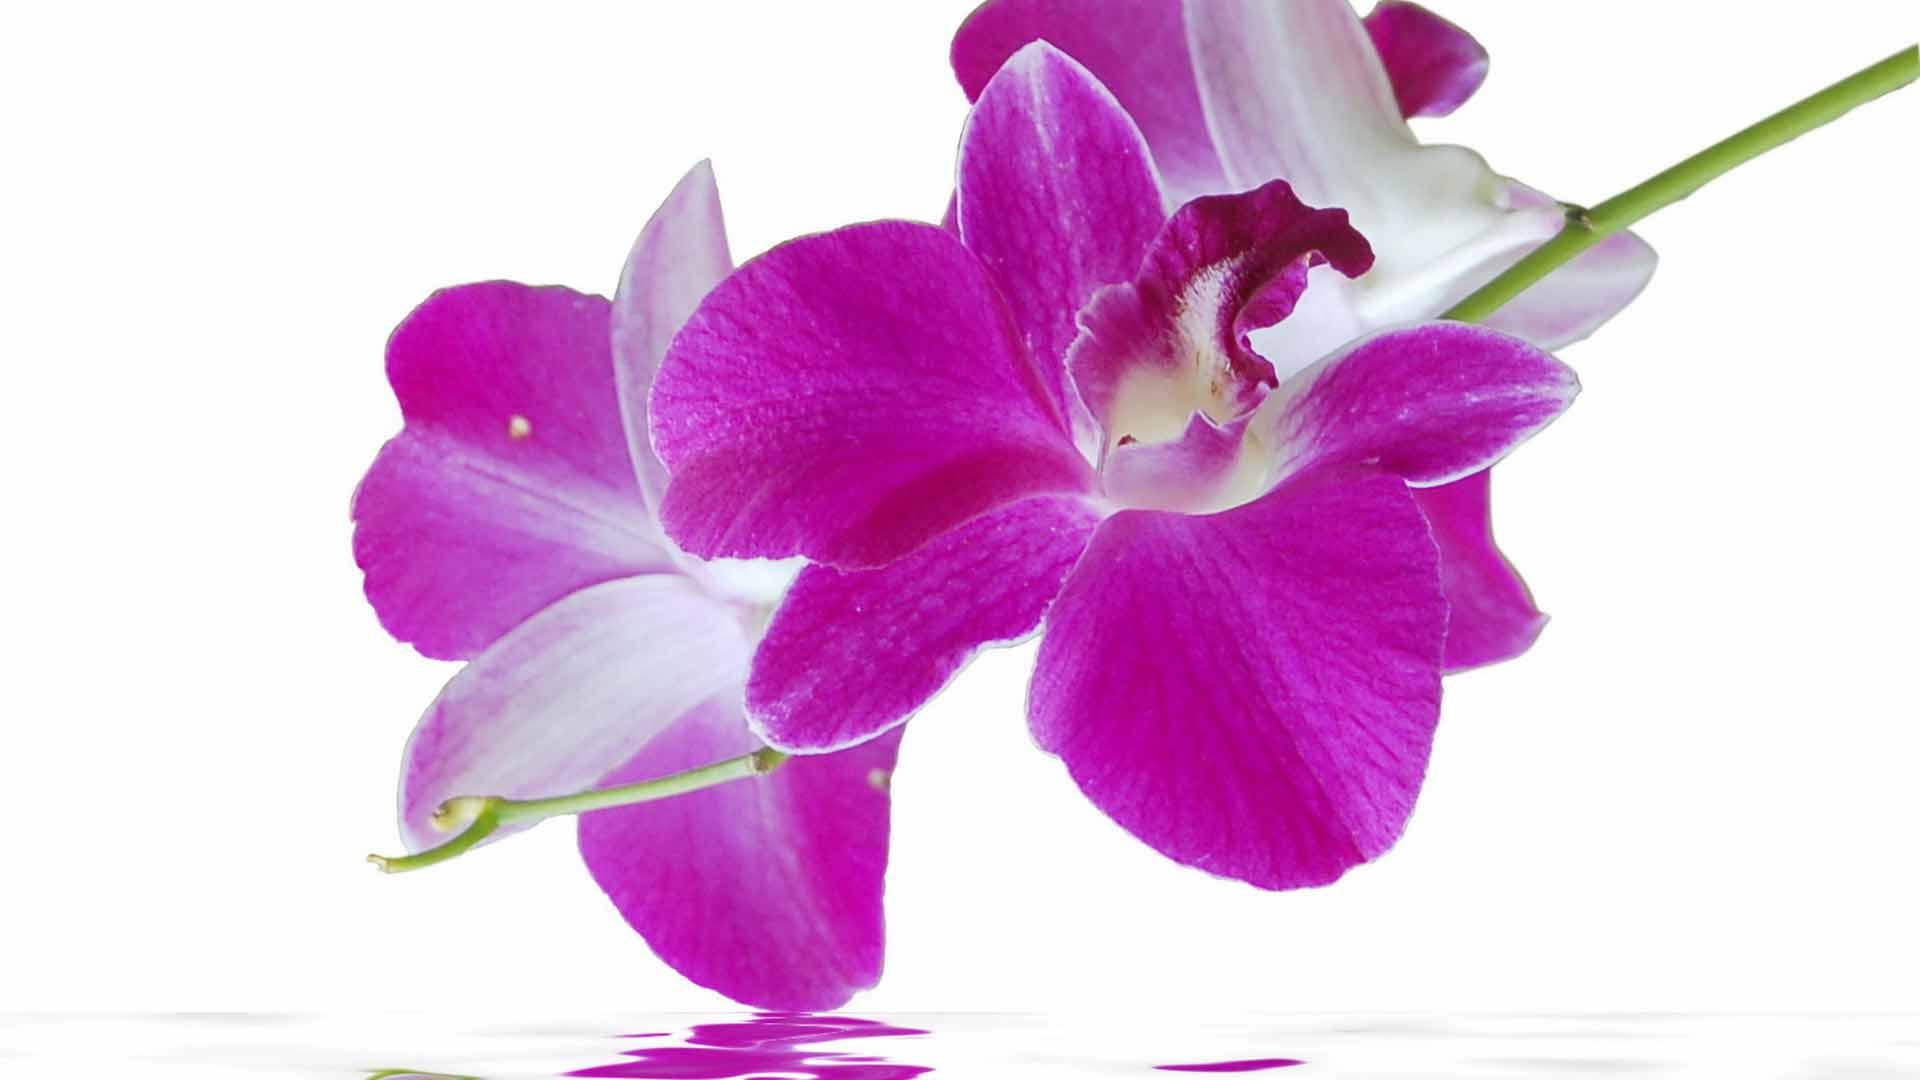 ... Орхидея у воды, Цветок орхидеи у воды: www.fullhdoboi.ru/photo/flowers/orkhideja_u_vody/2-0-21994